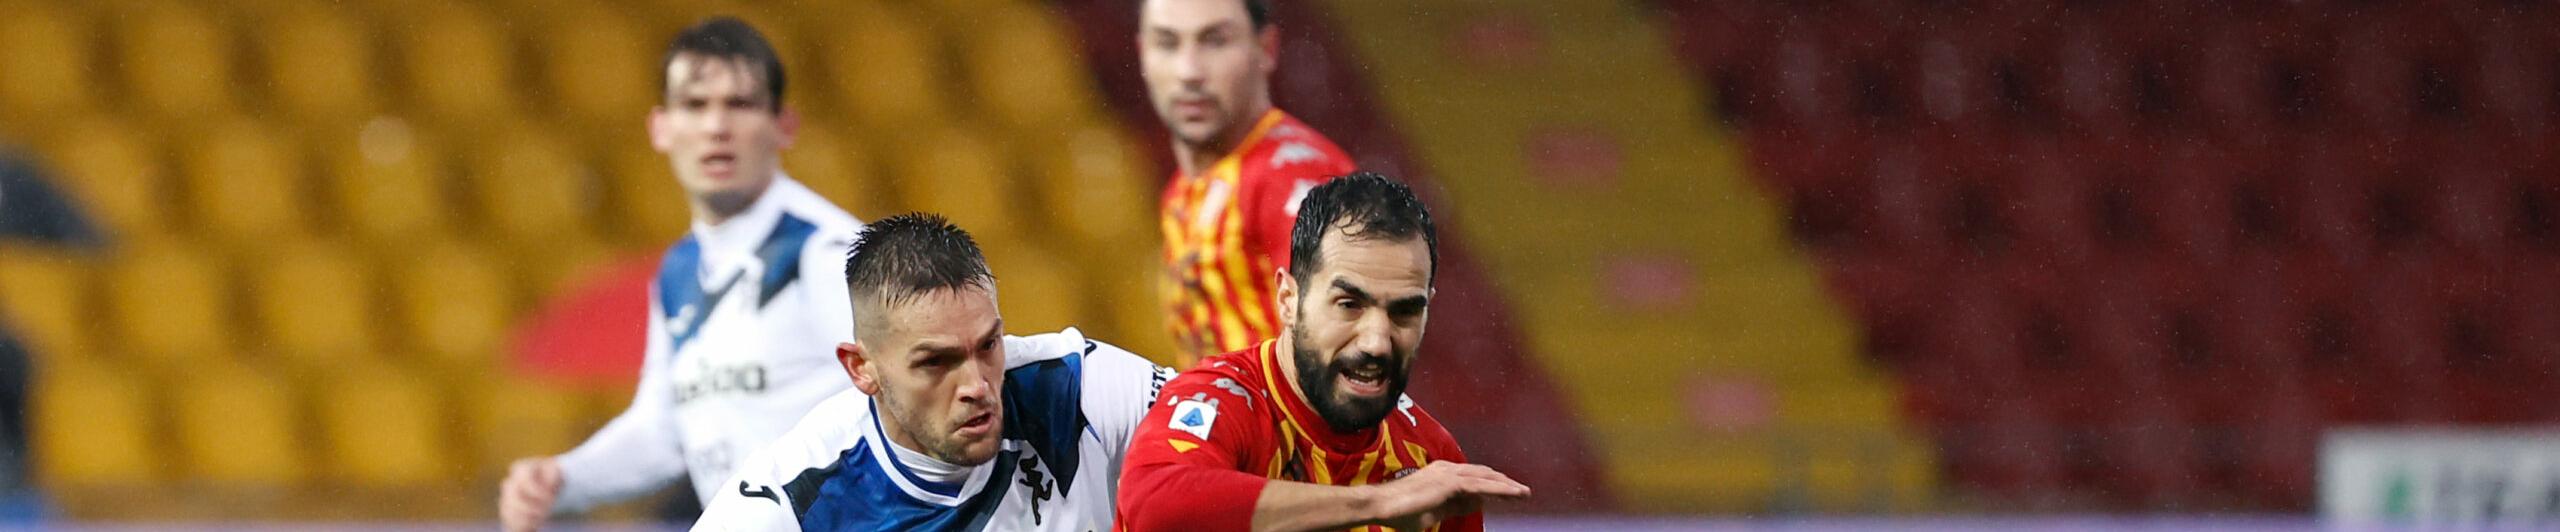 Atalanta-Benevento, tra sogni Champions e l'incubo retrocessione